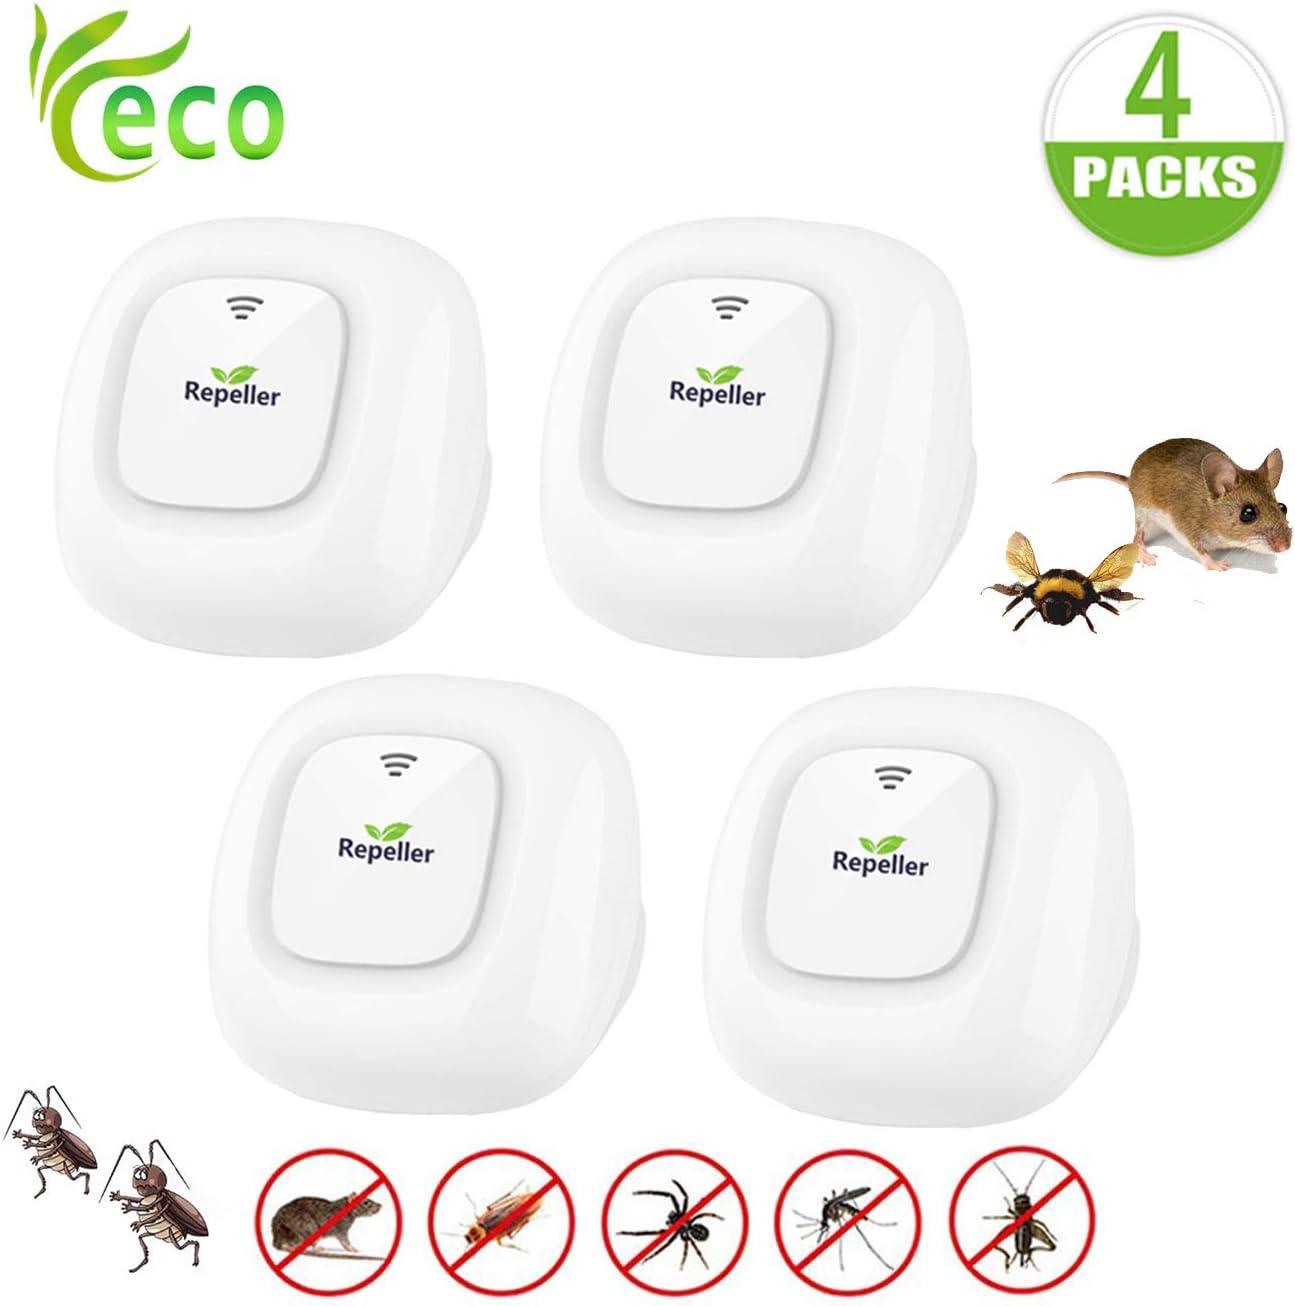 ZHENROG Repelente Ultrasónico Mosquitos 2020 Control de Plagas para Las Moscas,Cucarachas, Arañas, Hormigas, Ratas y Ratones, Insectos Antimosquitos Eléctrico Extra Fuerte para Interiores (4-Pack)